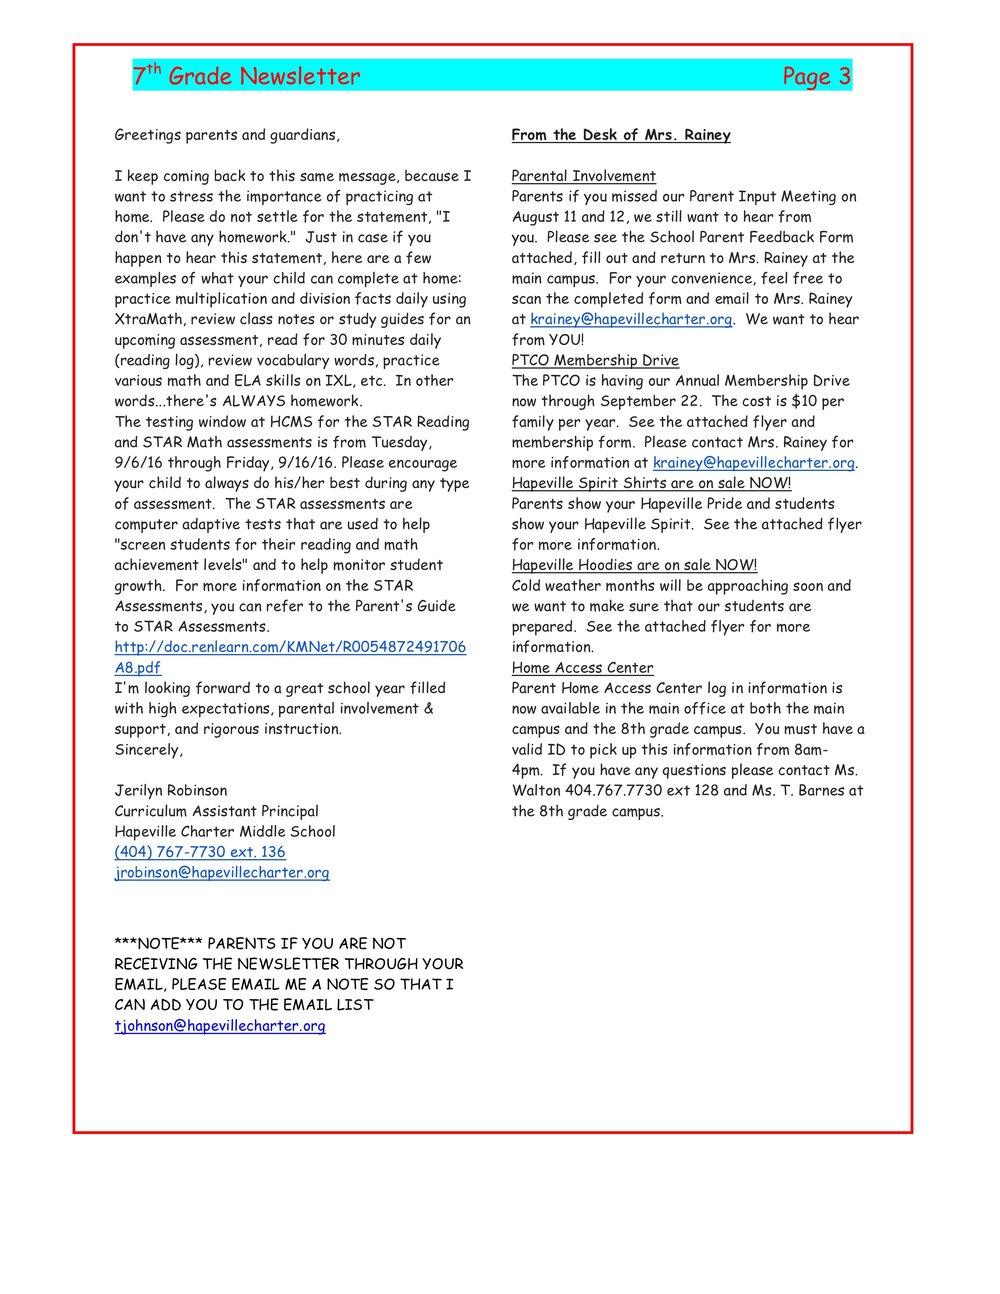 Newsletter Image7th Grade Newsletter 9-12 3.jpeg